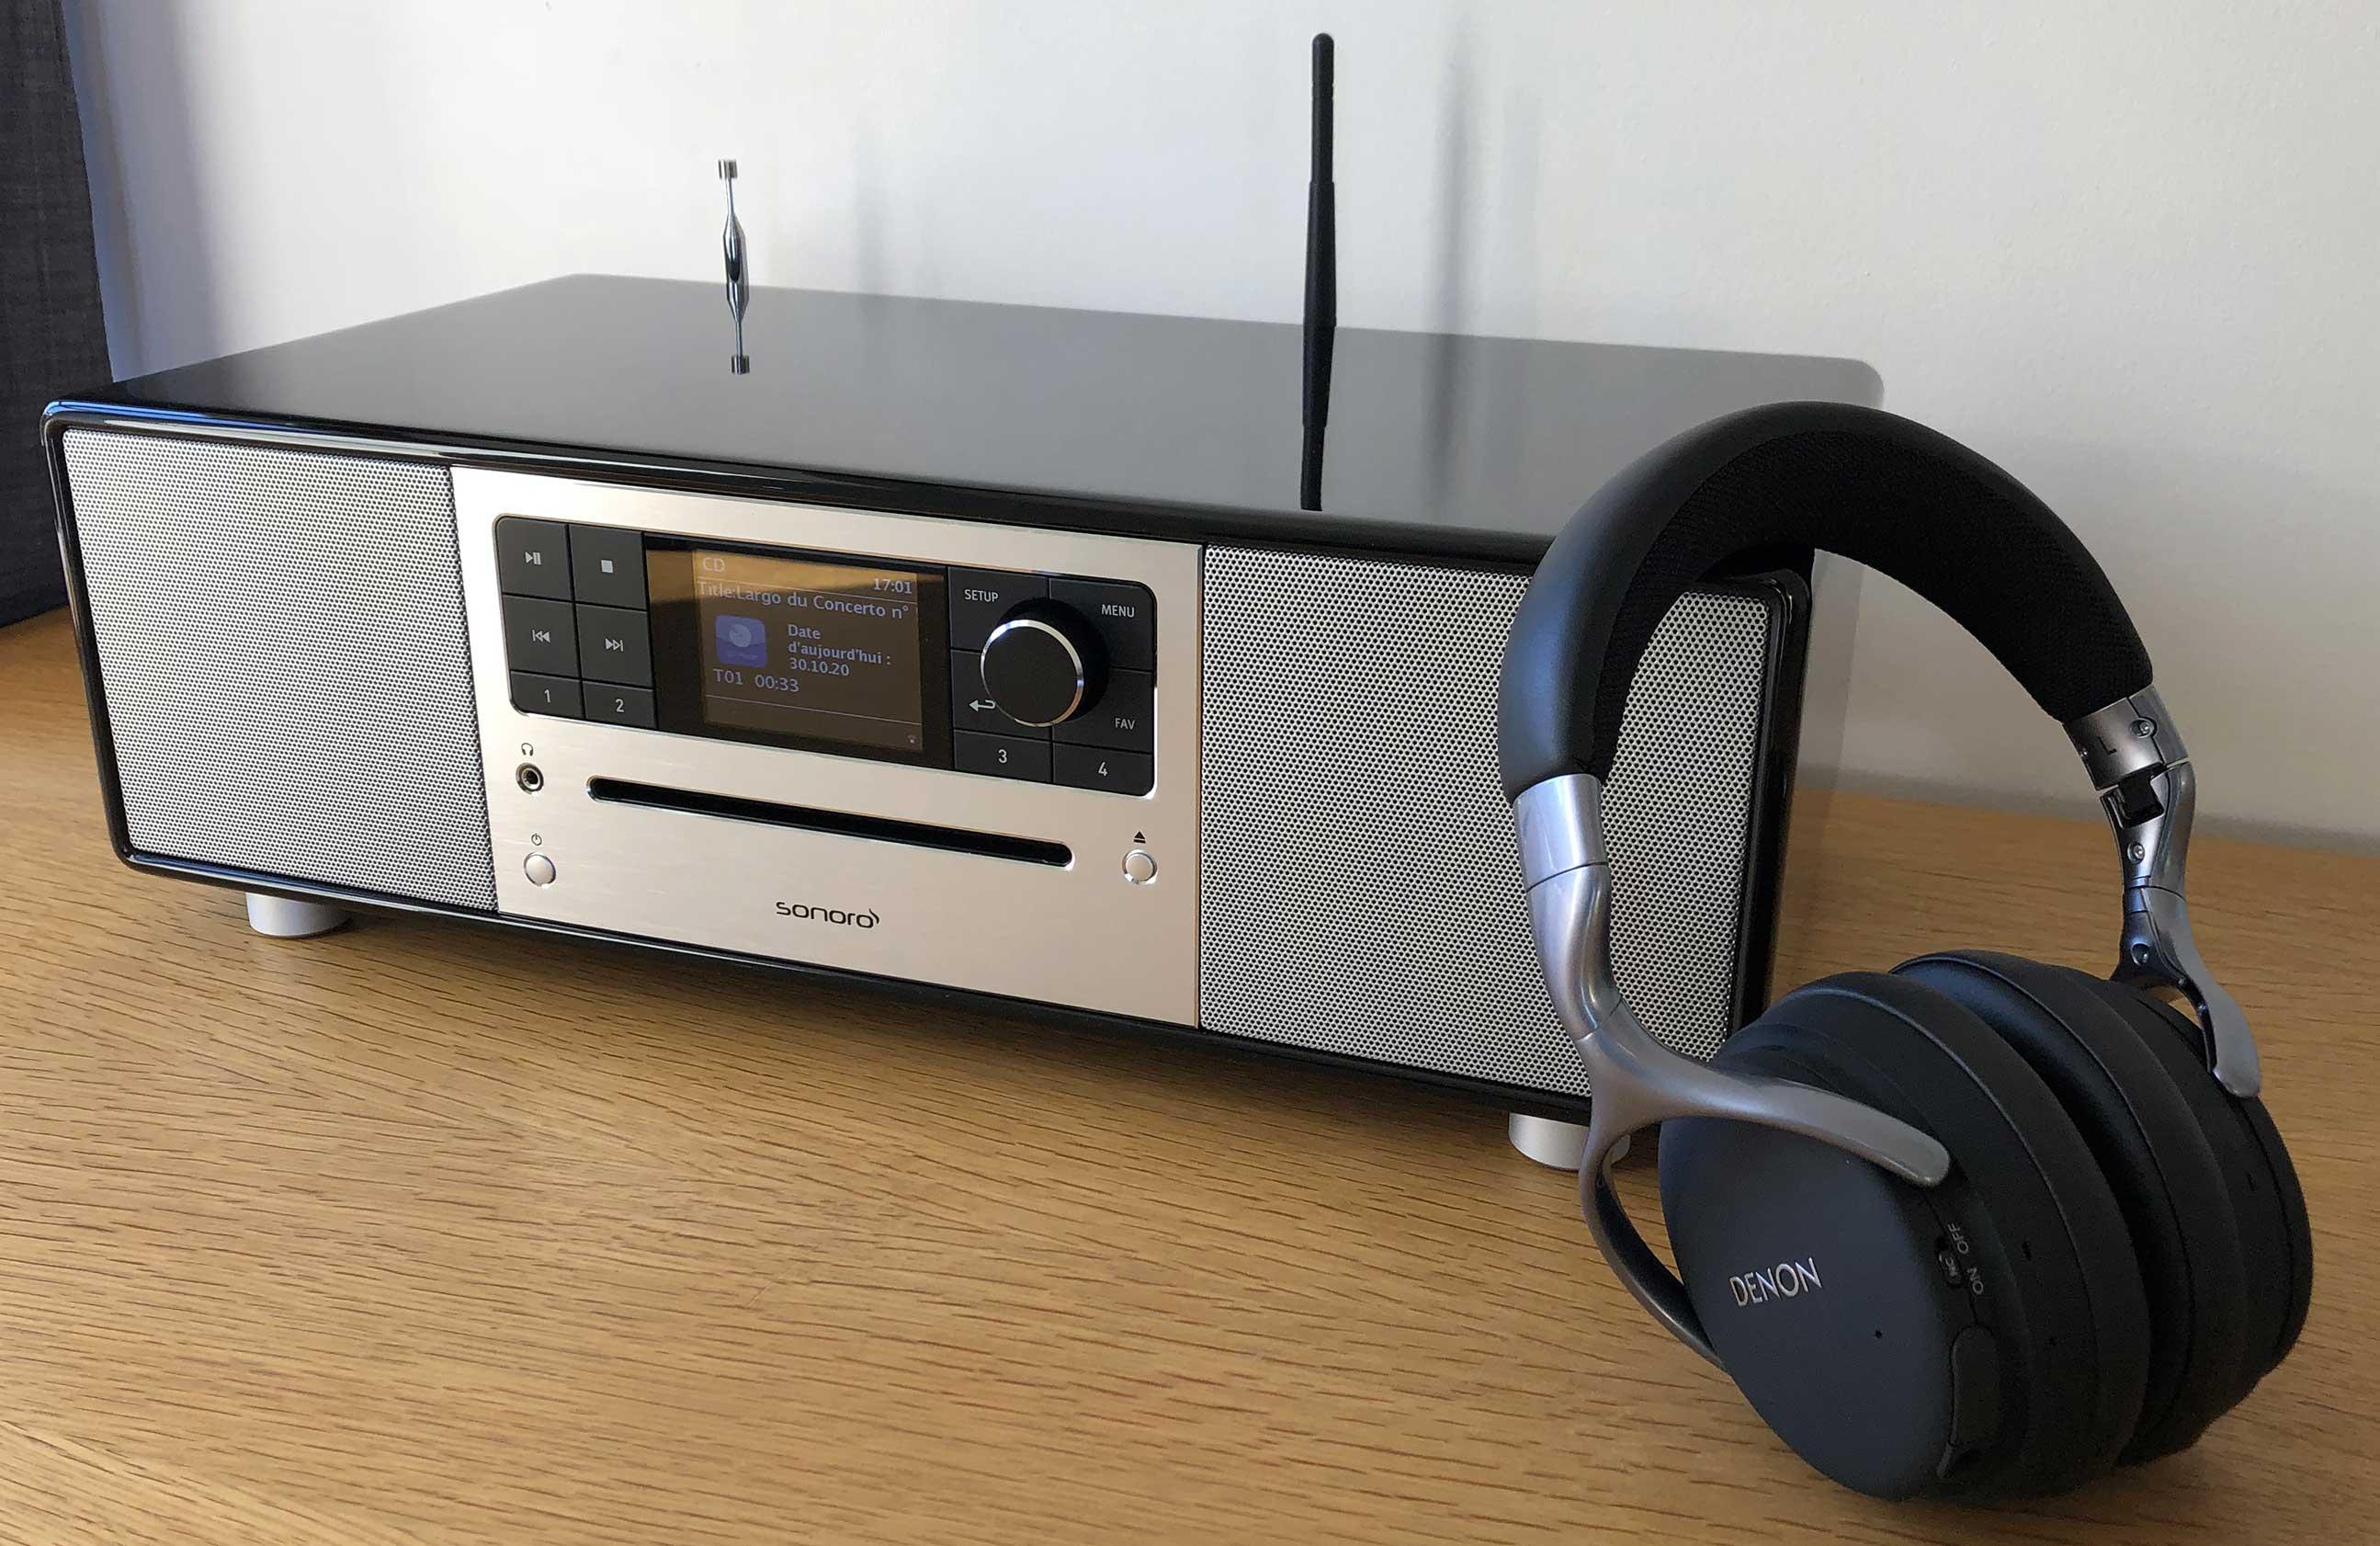 Mini chaine HiFi compacte avec écoute au casque sans fil grâce à l'émetteur Bluetooth intégré à la Sonoro PRESTIGE